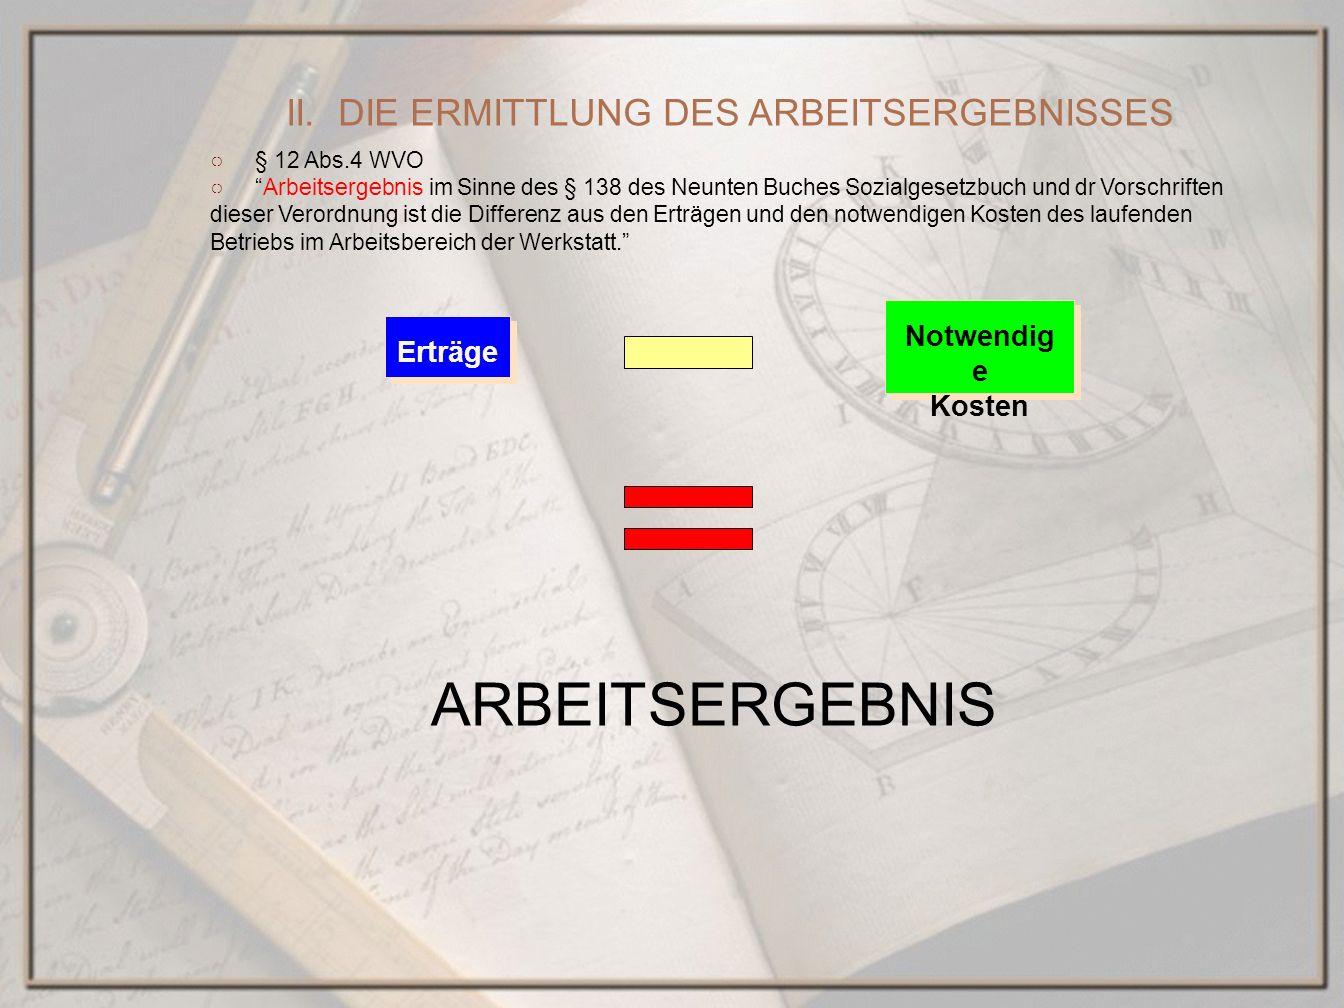 § 12 Abs.4 WVO Arbeitsergebnis im Sinne des § 138 des Neunten Buches Sozialgesetzbuch und dr Vorschriften dieser Verordnung ist die Differenz aus den